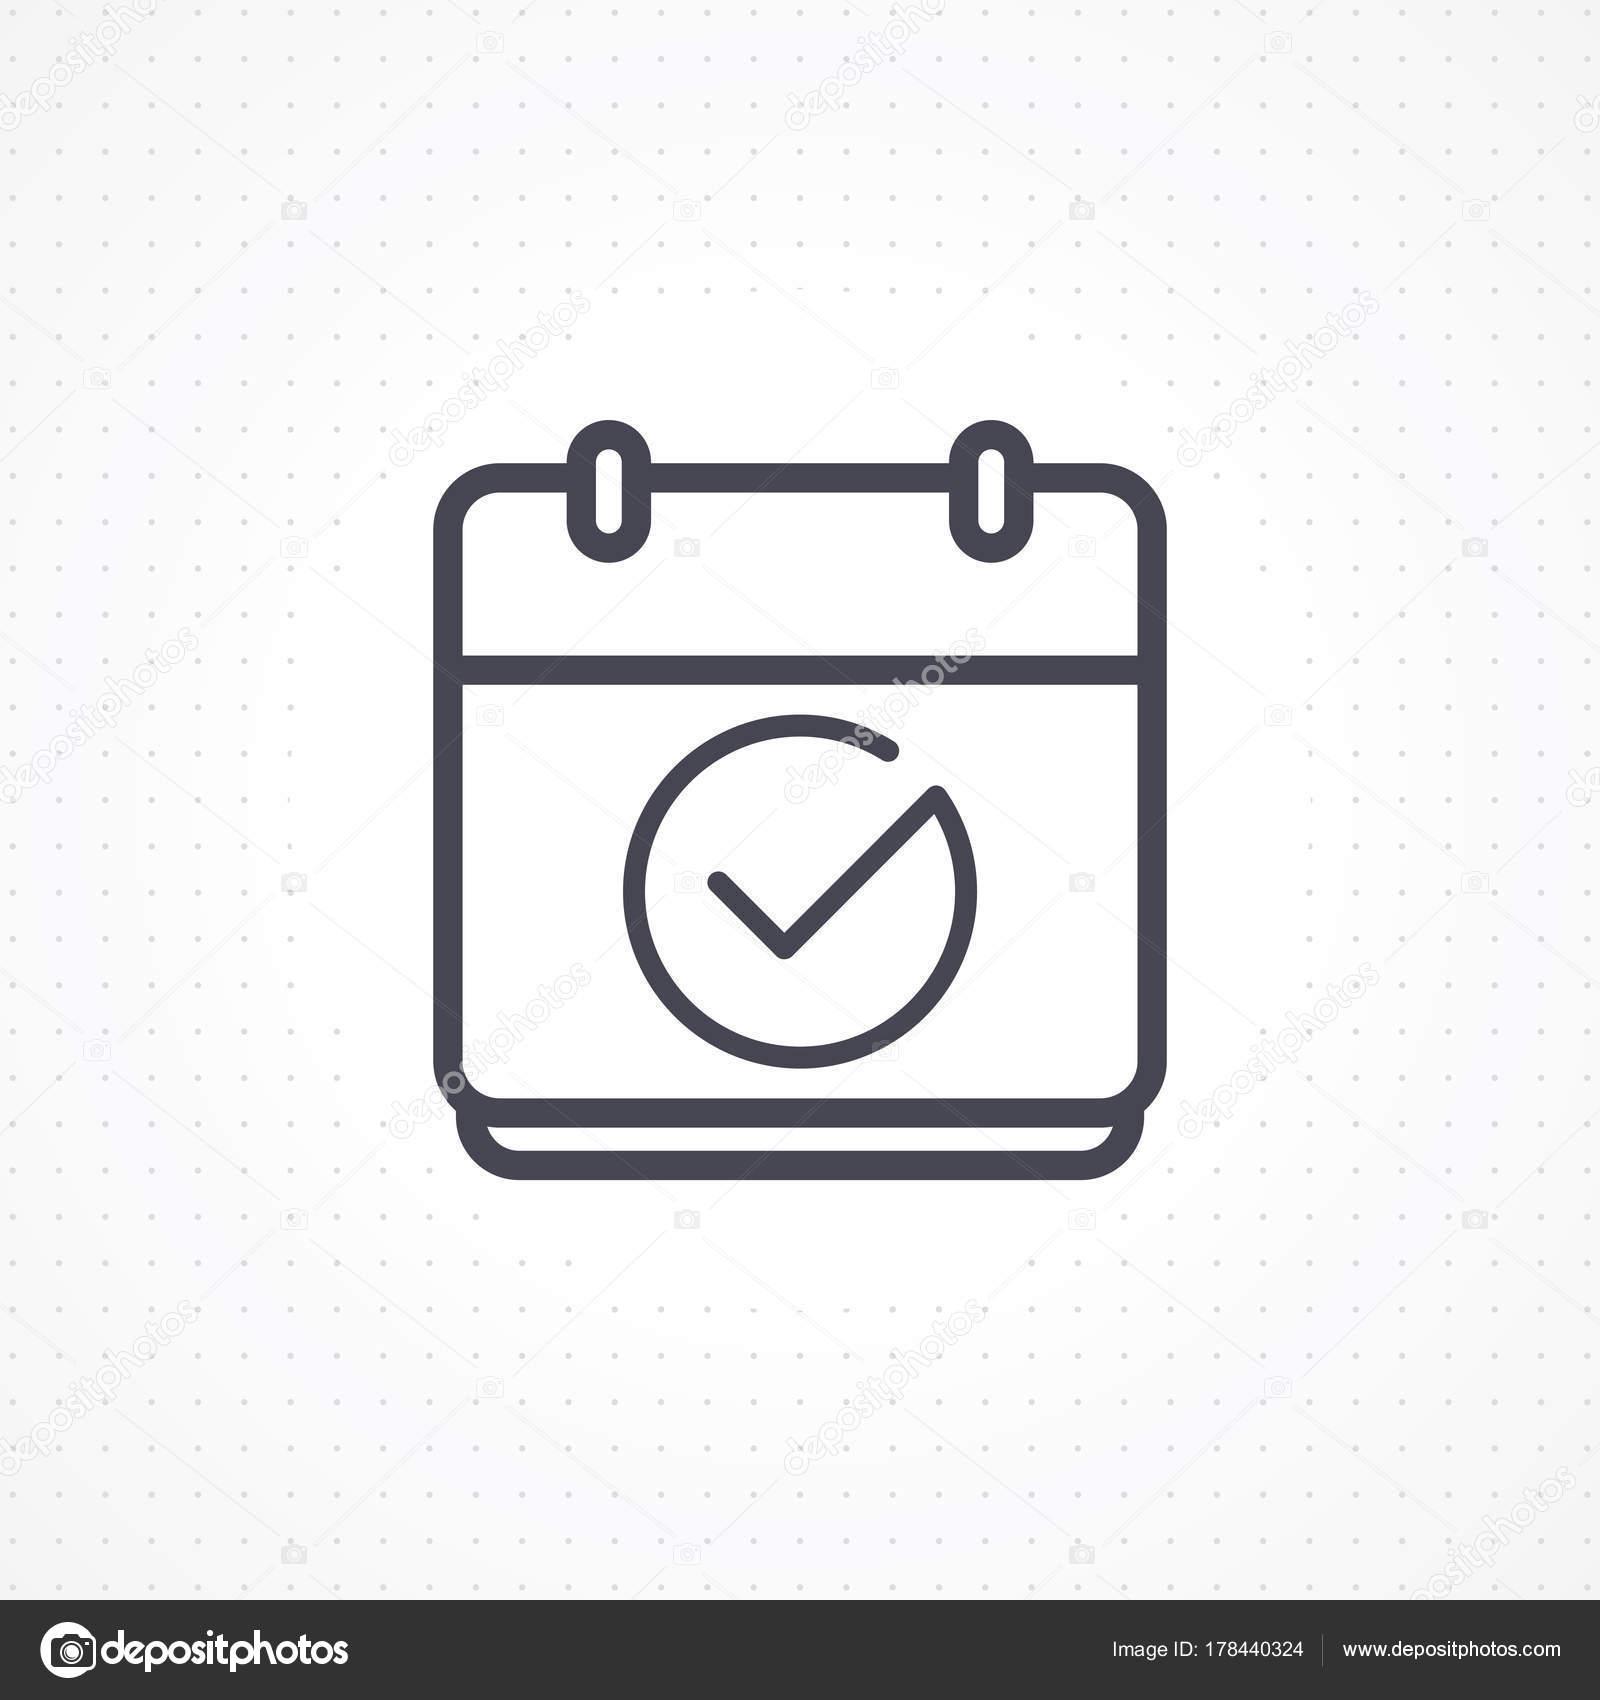 Calendrier A Cocher.Icone Calendrier Calendrier Icone Vector Avec Case Cocher